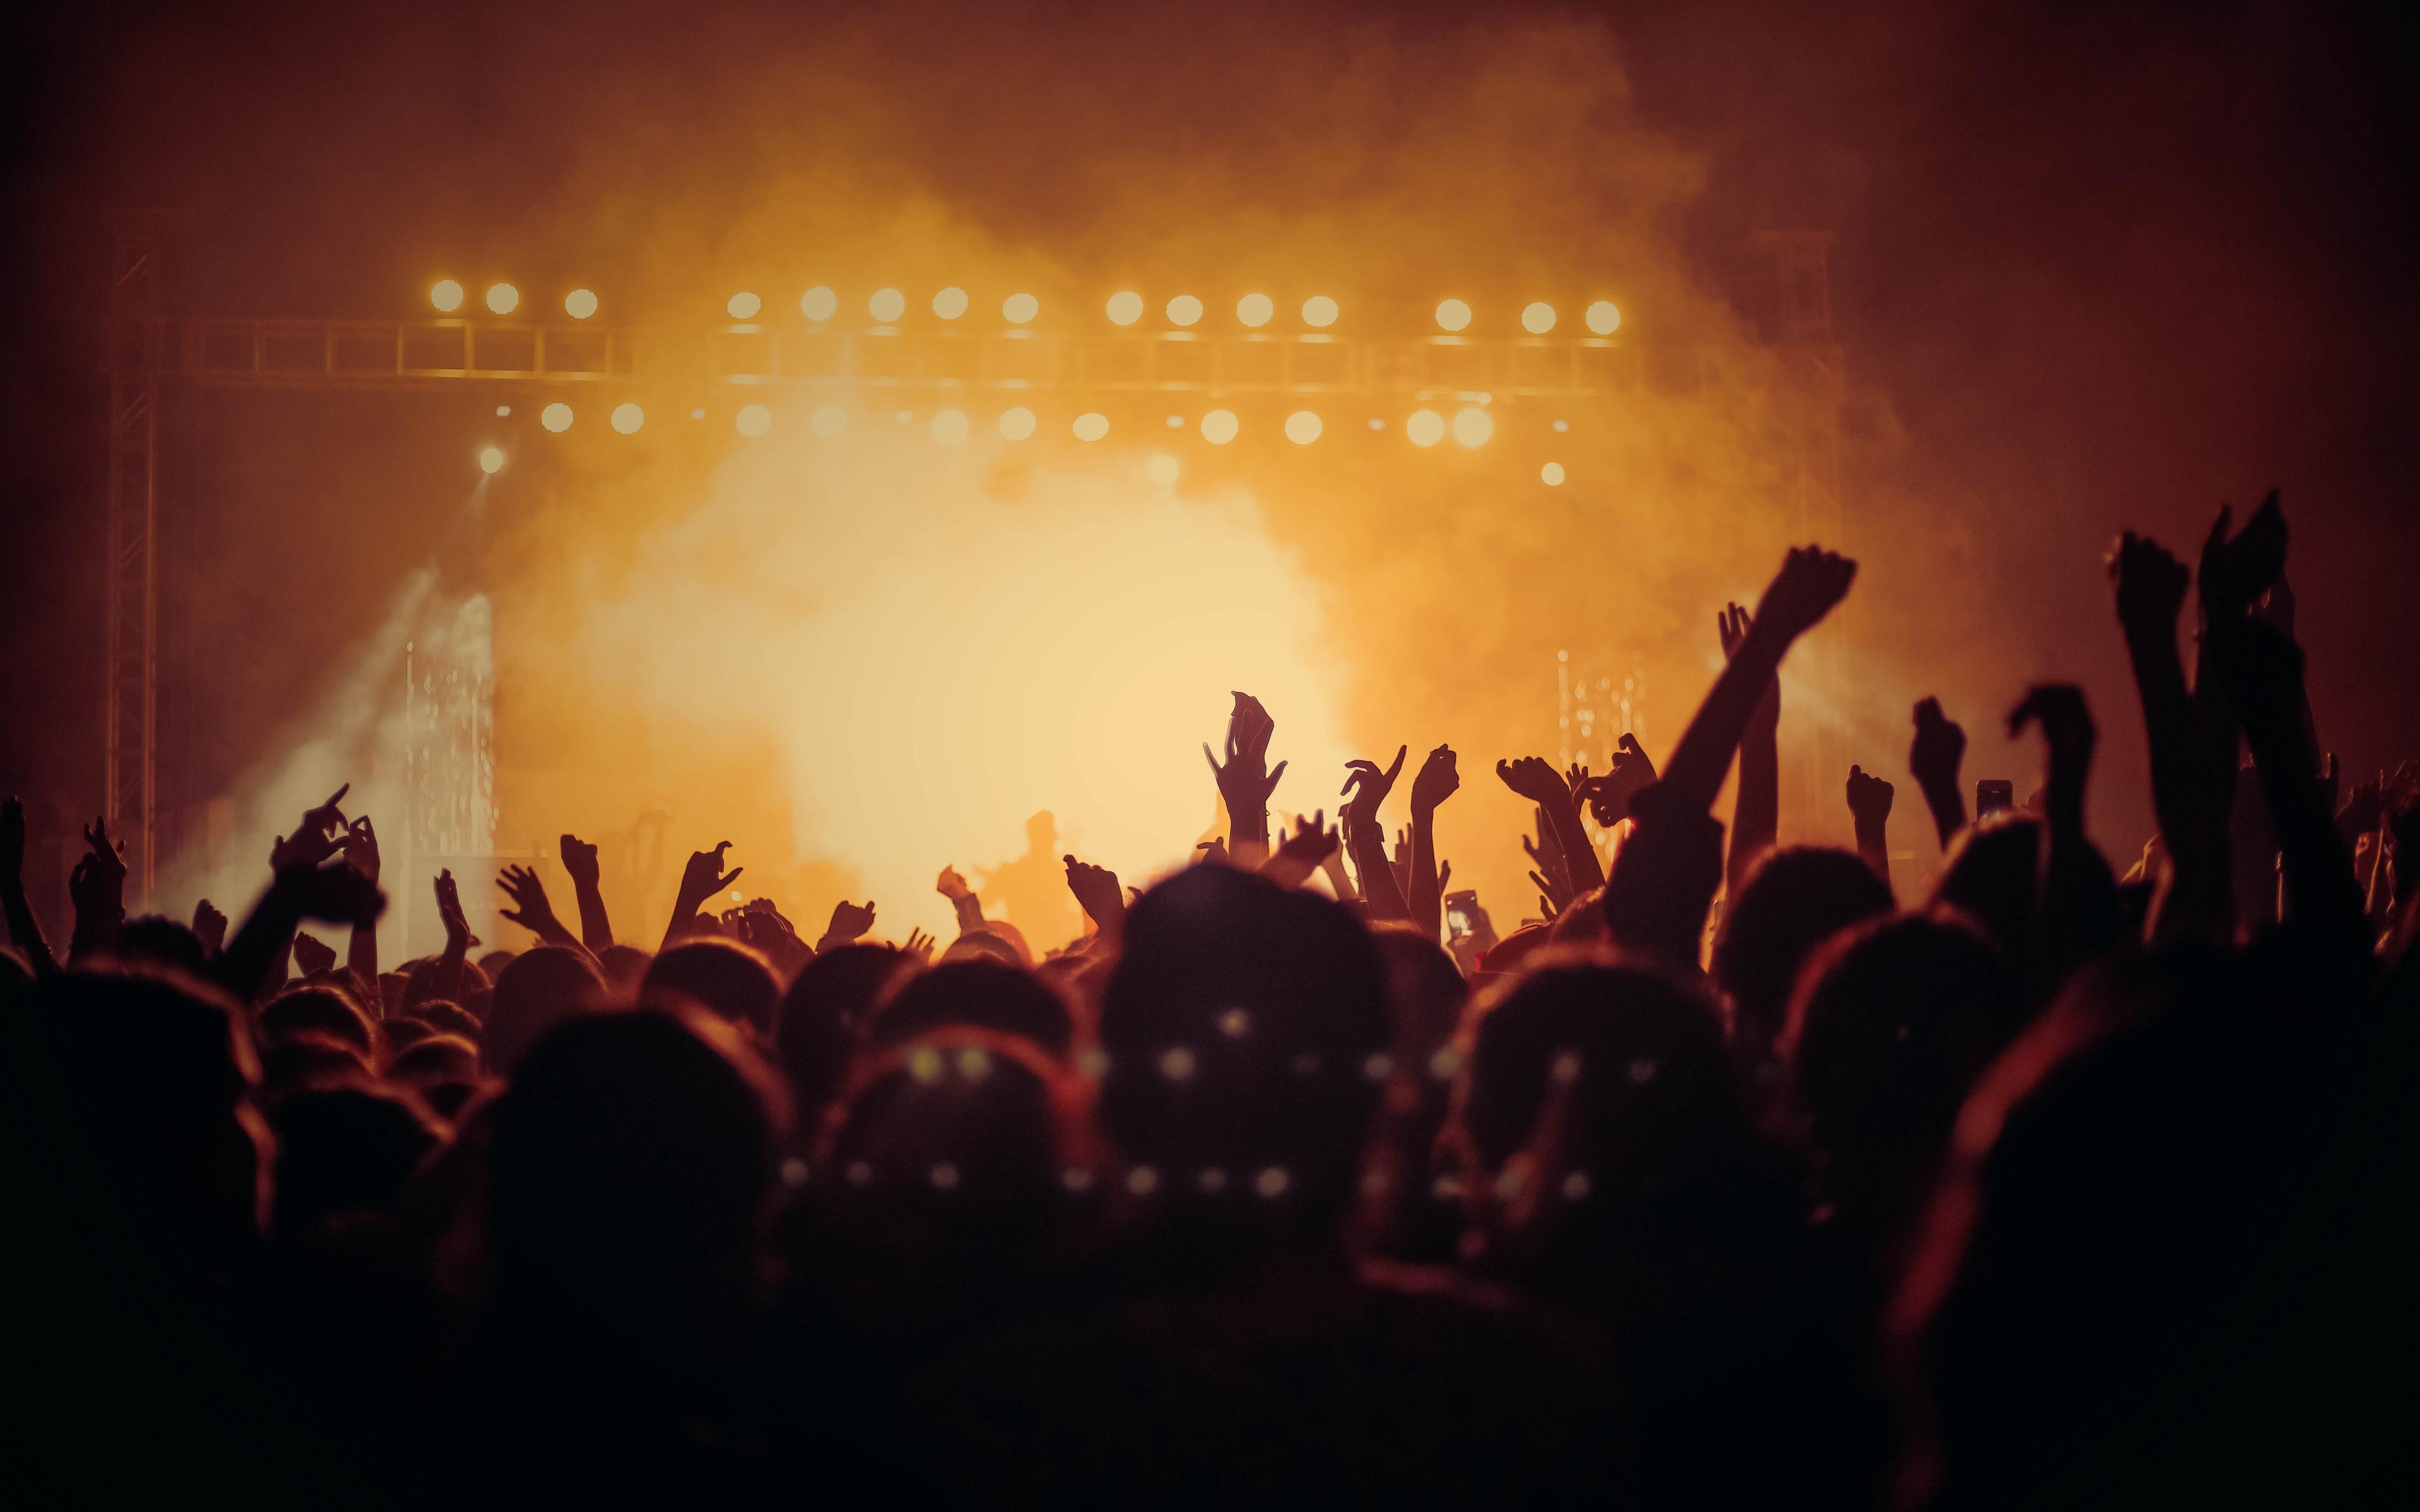 Concert, hands up, joy, dark, party, 3840x2400 wallpaper